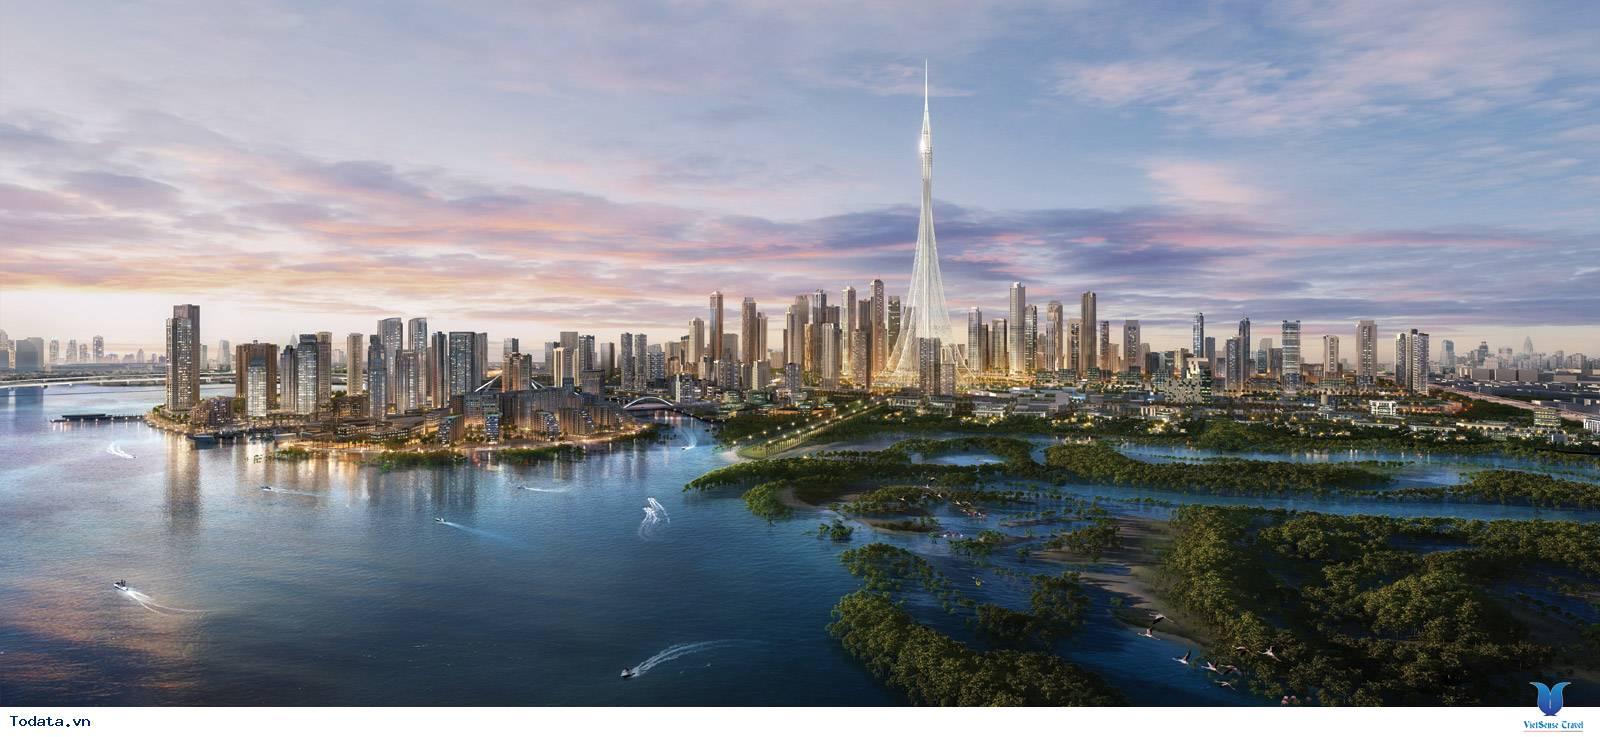 Thưởng Ngoạn Dubai Trên Dubai Creek - Ảnh 2